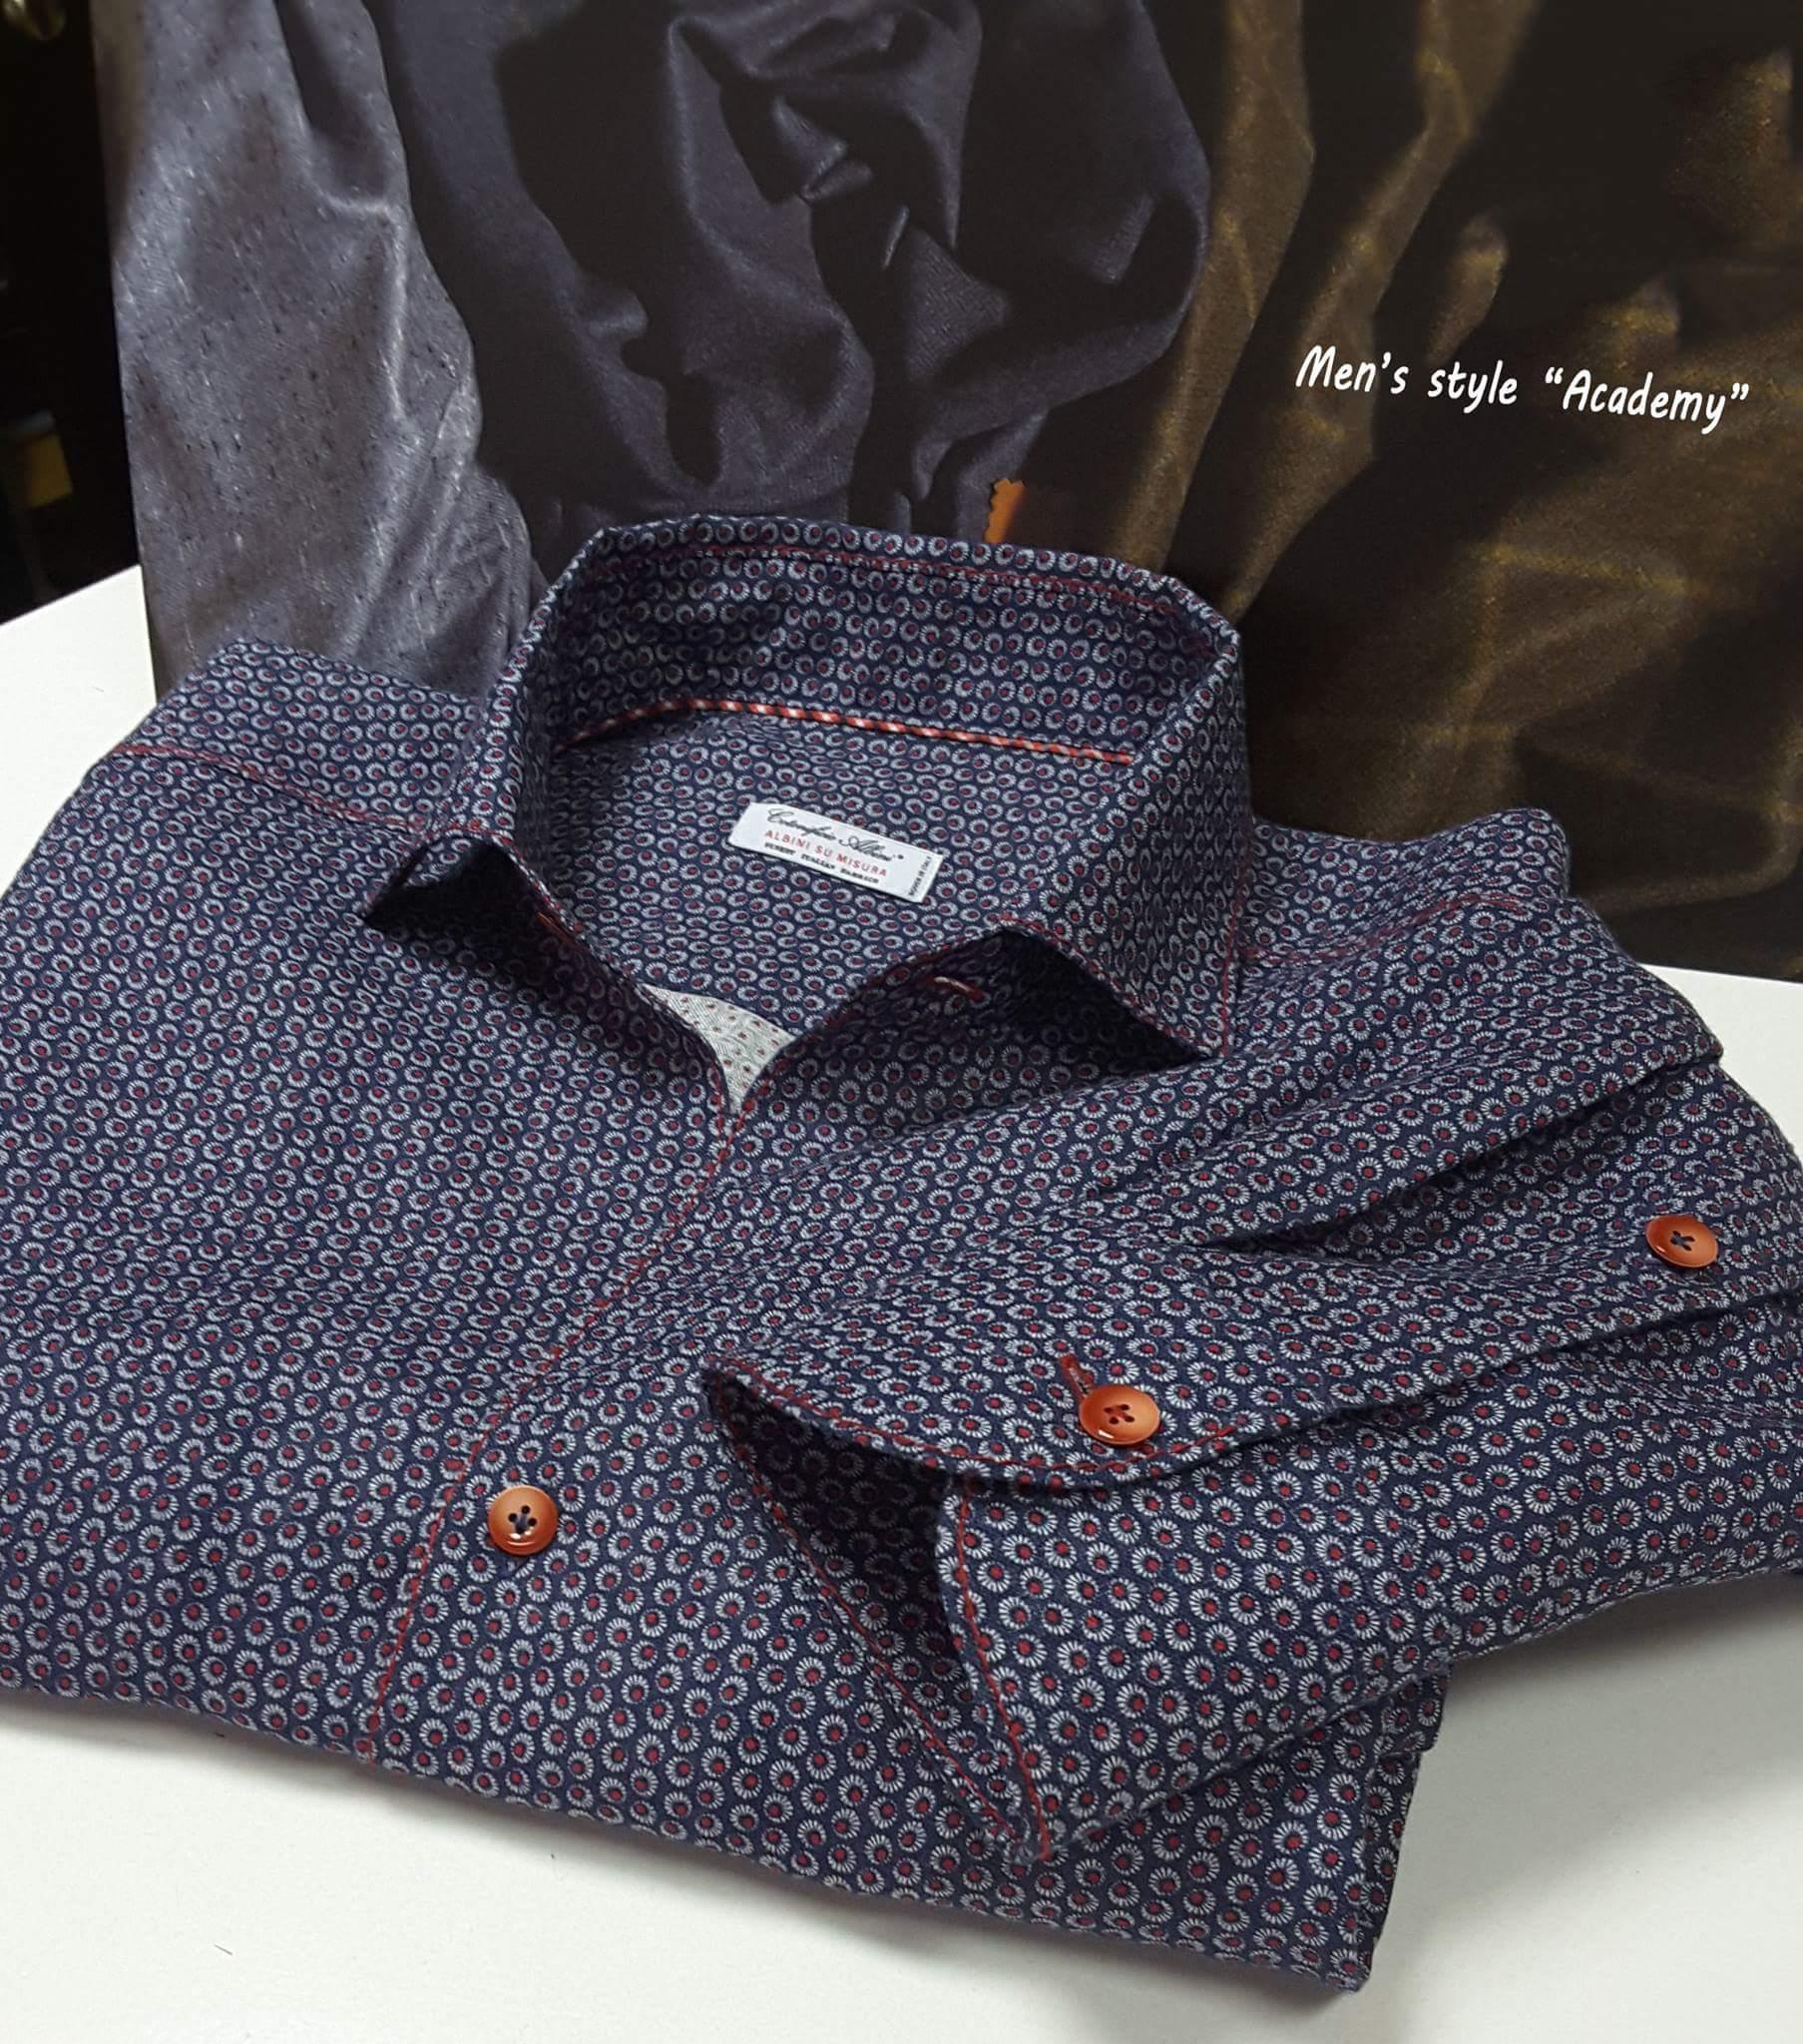 a5c07c4f3c6c Пошив мужской сорочки | Пошив мужских рубашек на заказ от ACADEMY